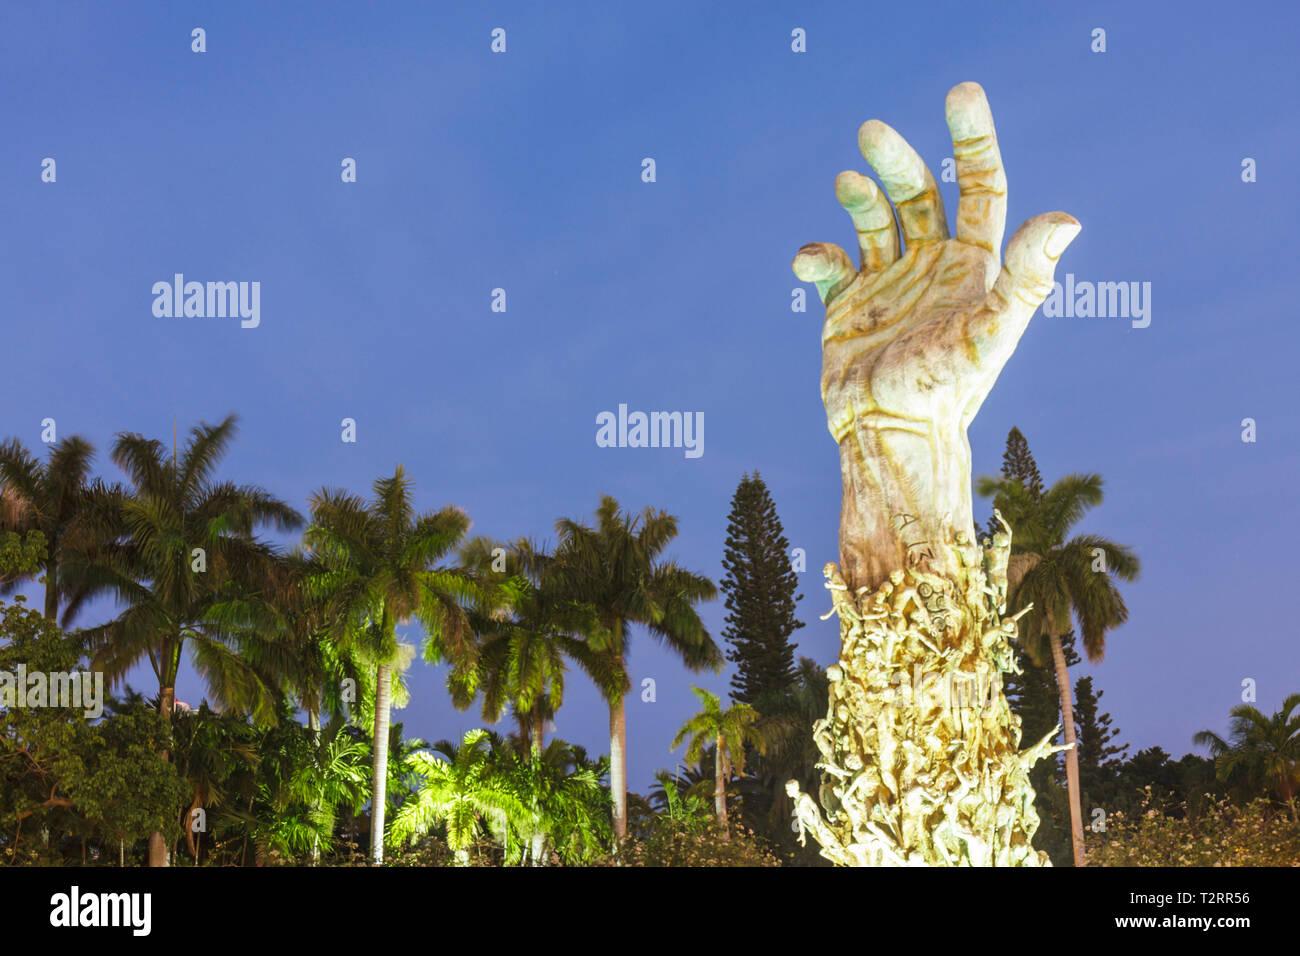 Miami Beach Florida Holocaust Memorial Escultura de bronce de amor y angustia brazo mano Kenneth Treister jardín de meditación judíos judío Imagen De Stock